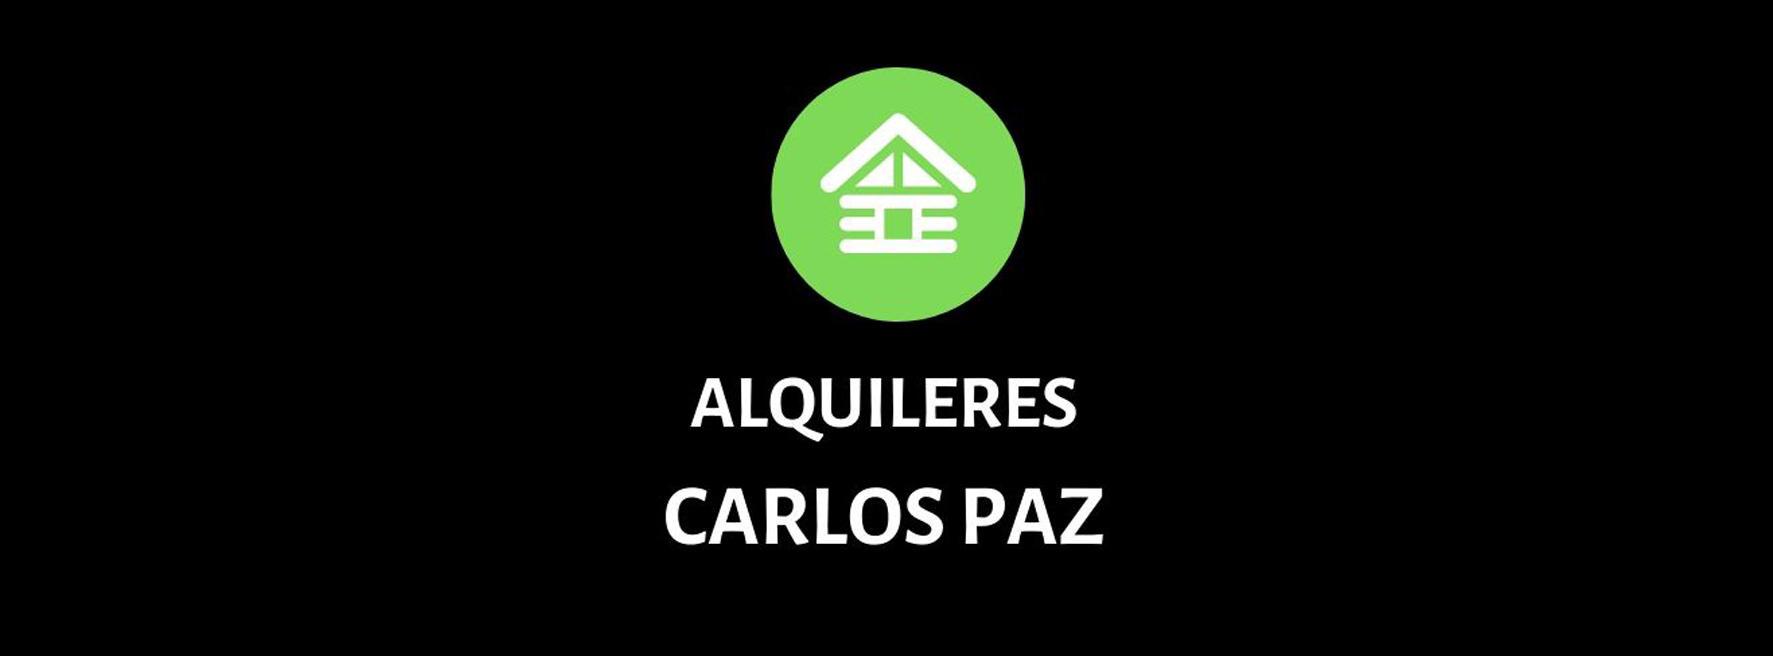 ALQUILERES CARLOS PAZ